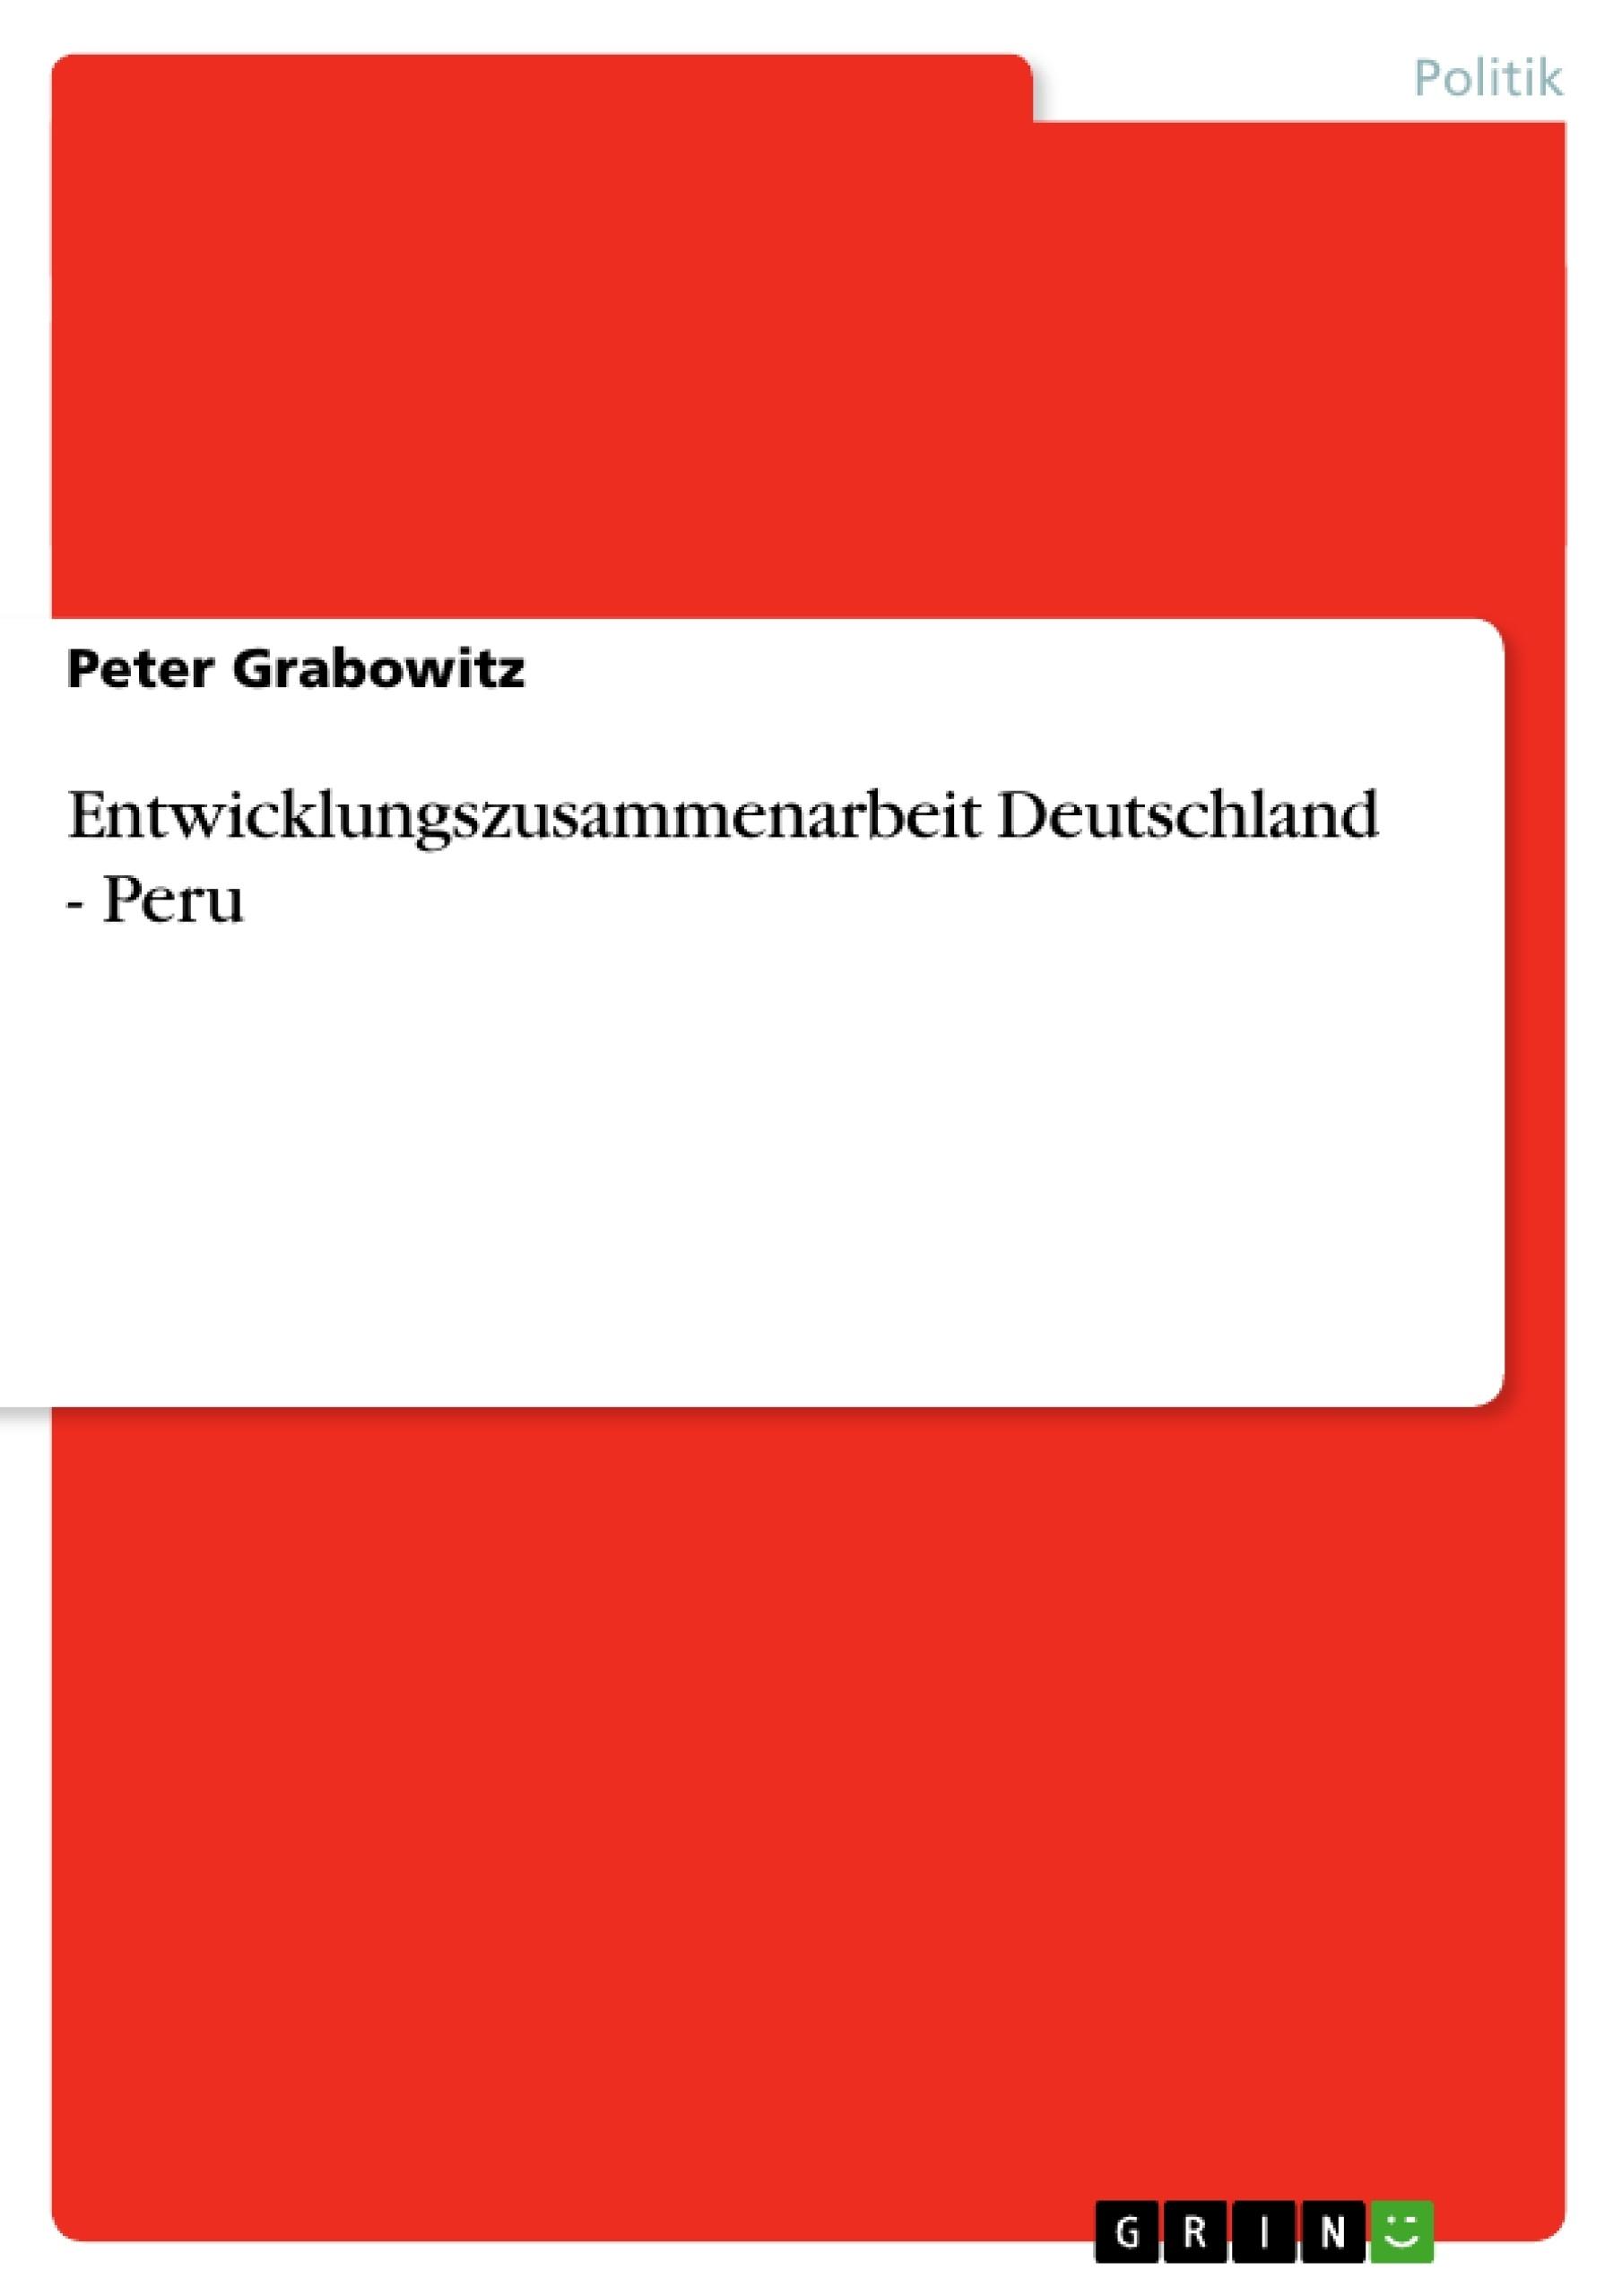 Titel: Entwicklungszusammenarbeit Deutschland - Peru